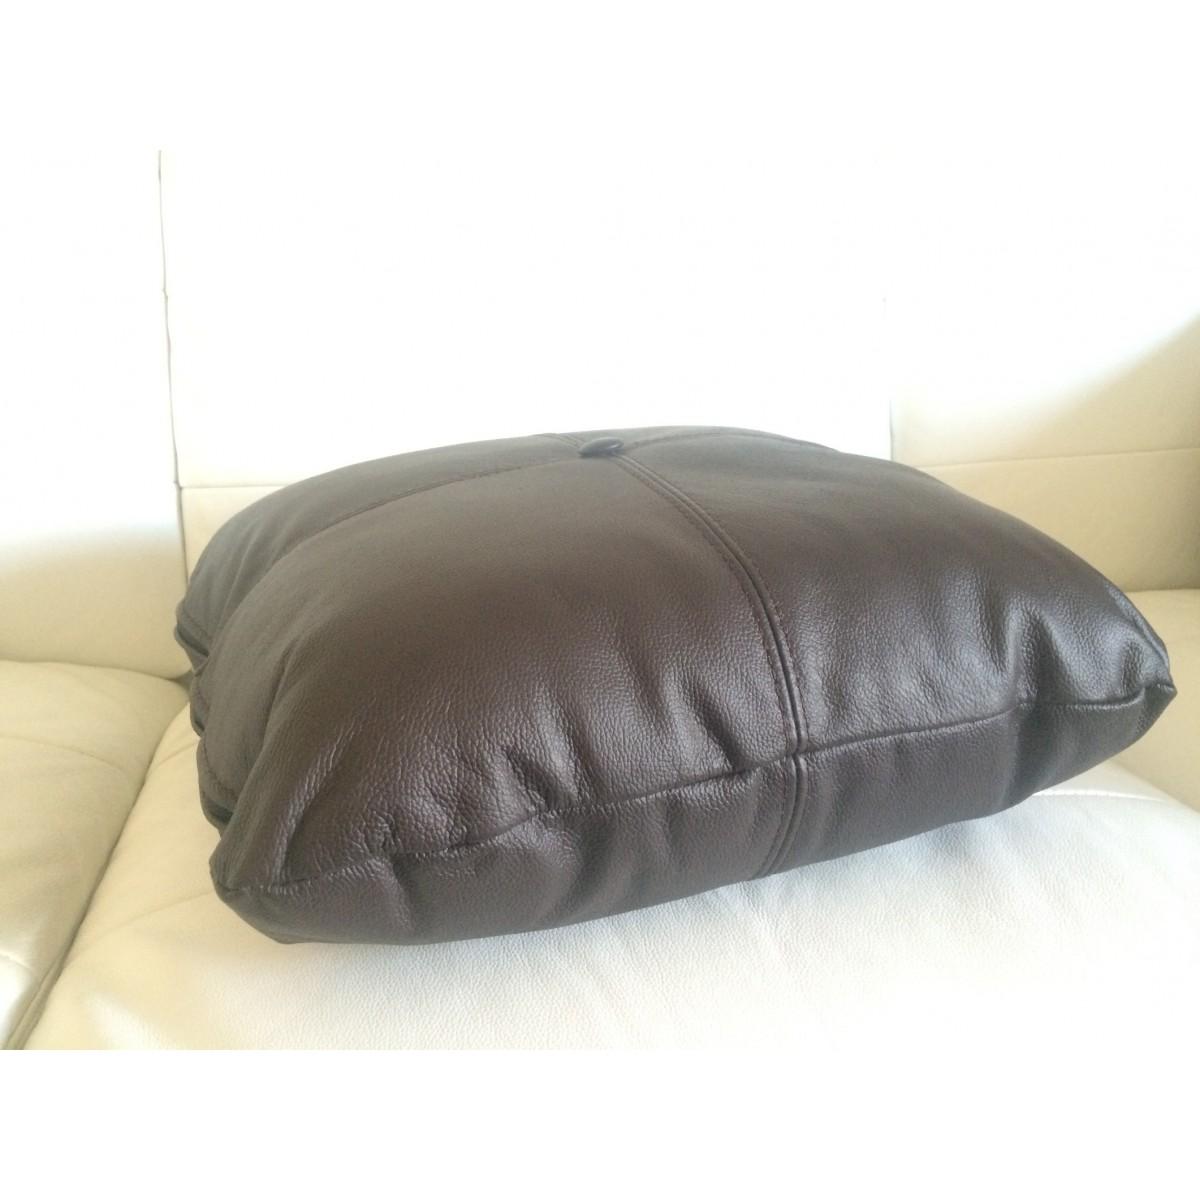 coussin personnalis en simili cuir cuir pour votre canap canap s. Black Bedroom Furniture Sets. Home Design Ideas